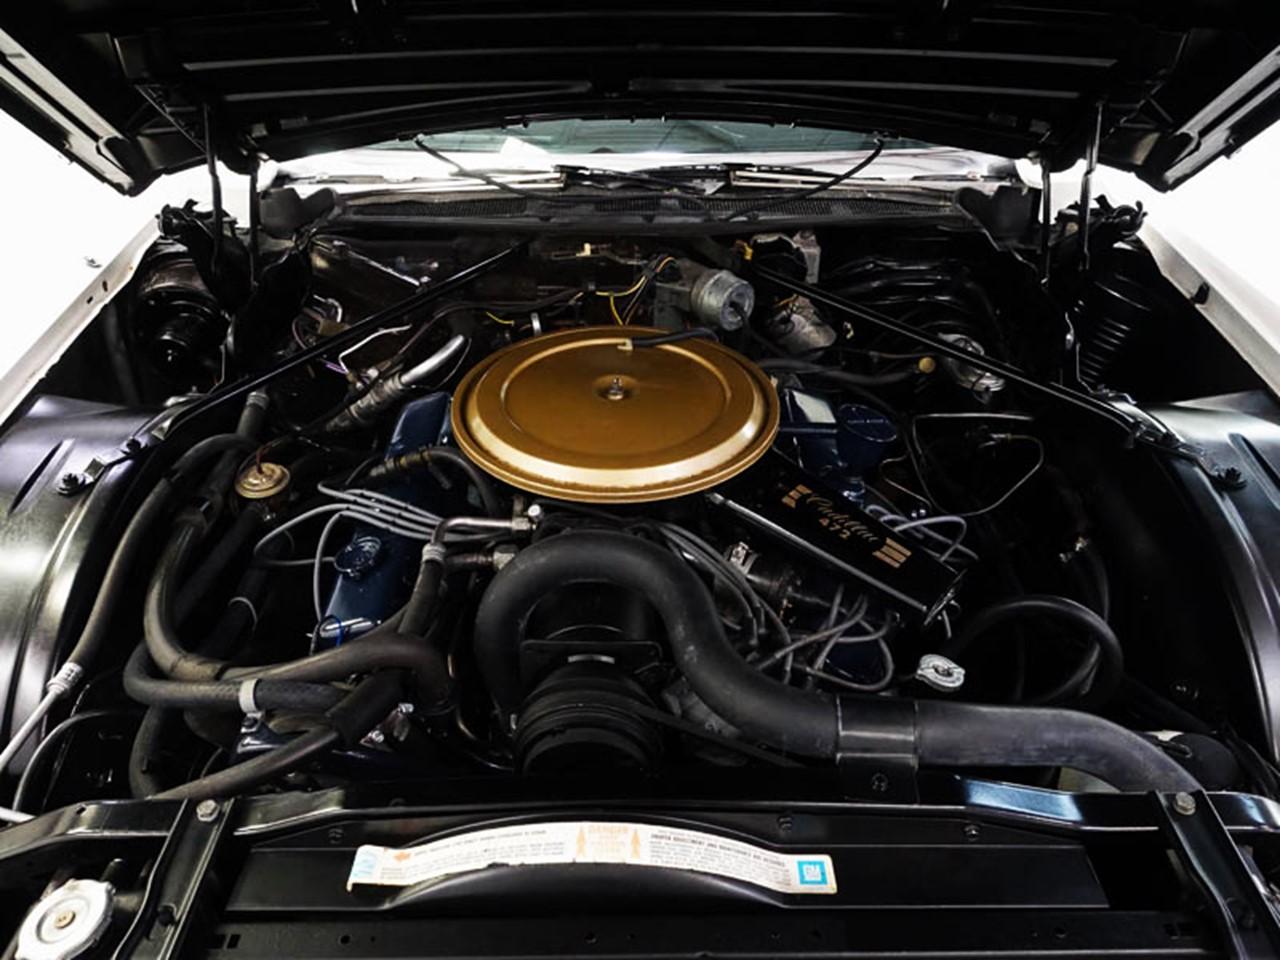 1968 Eldorado V8 Engine Diagram Diy Wiring Diagrams \u2022 1968 Cadillac  Fuel Filter 1968 Cadillac Engine Diagram